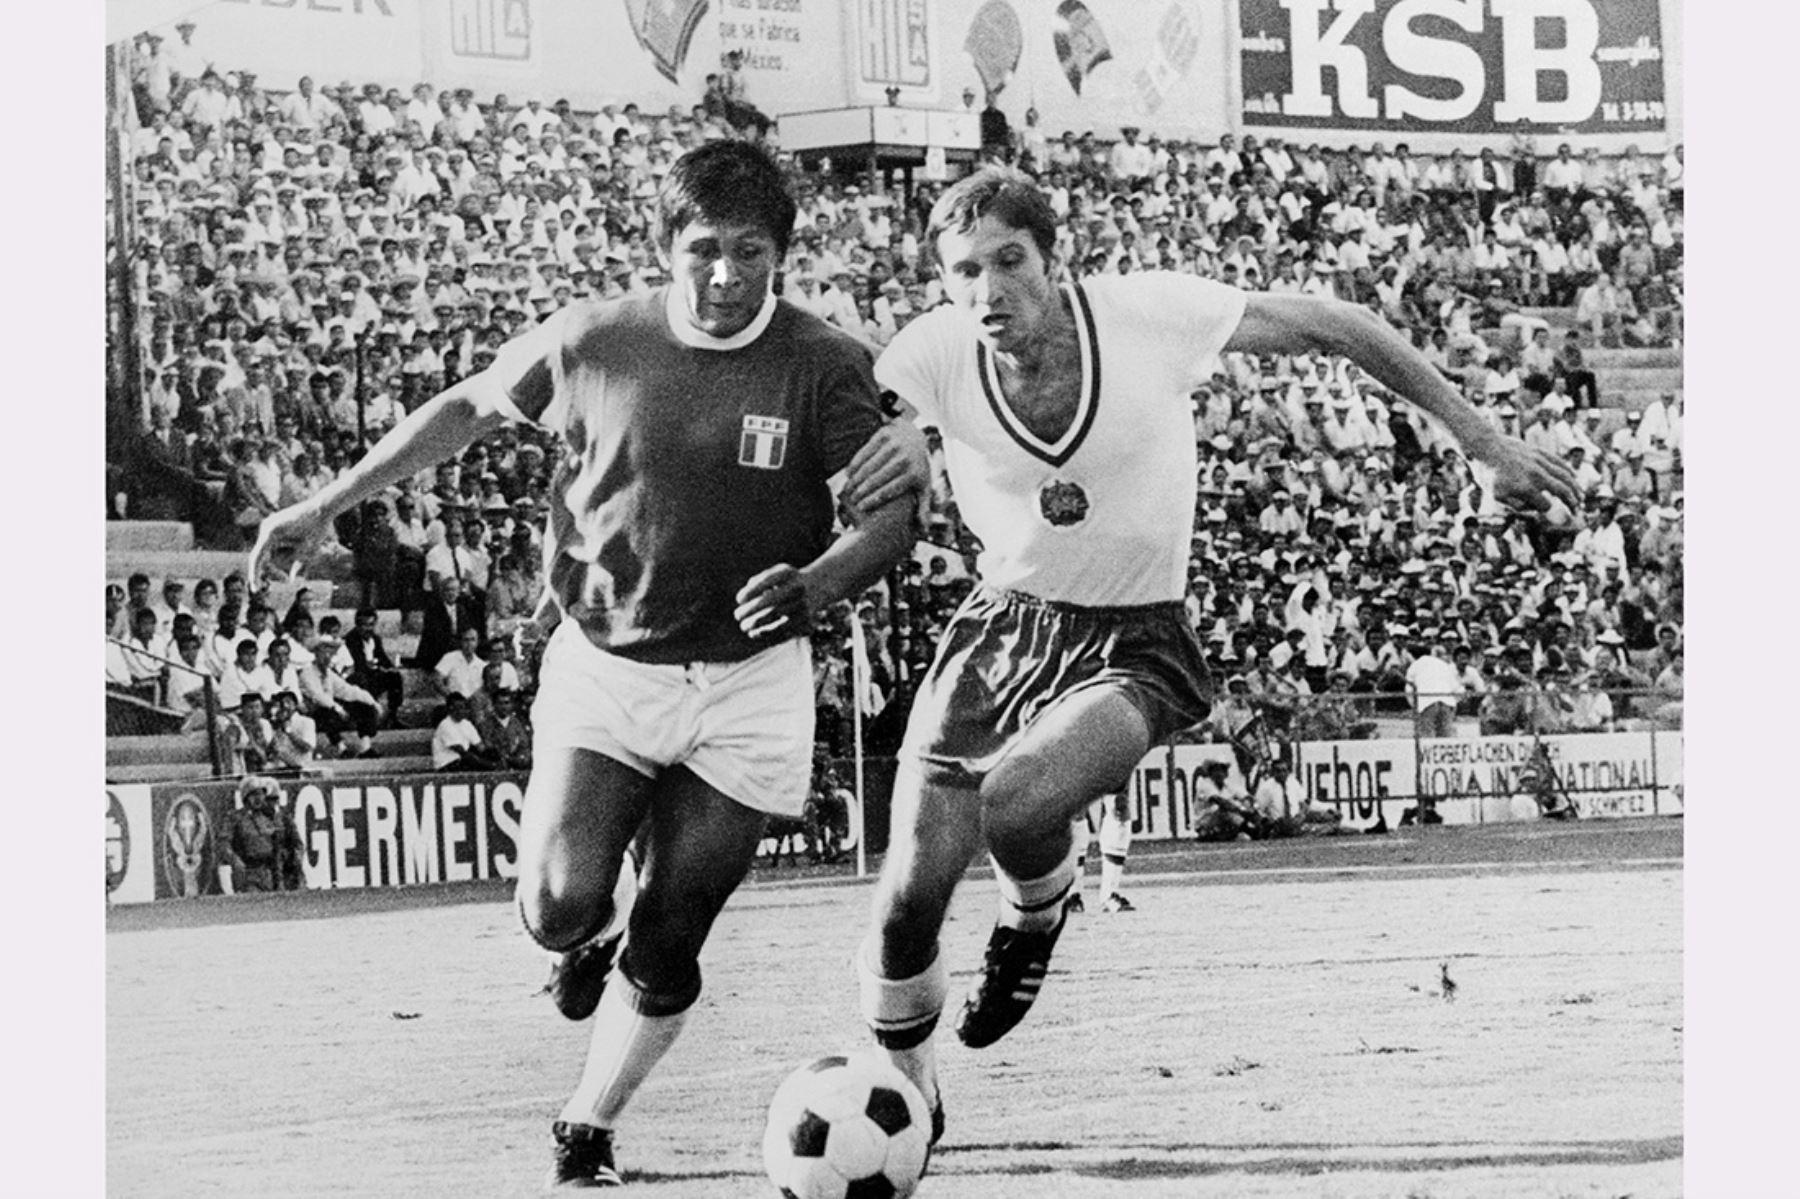 Lima - 2 junio 1970 / El delantero peruano Hugo Sotil disputa el balón con el defensor búlgaro Ivan Davidov durante el encuentro entre Perú y Bulgaria por el grupo 4 del Mundial México 70. Los peruanos vencieron por 3-2. Foto: AFP